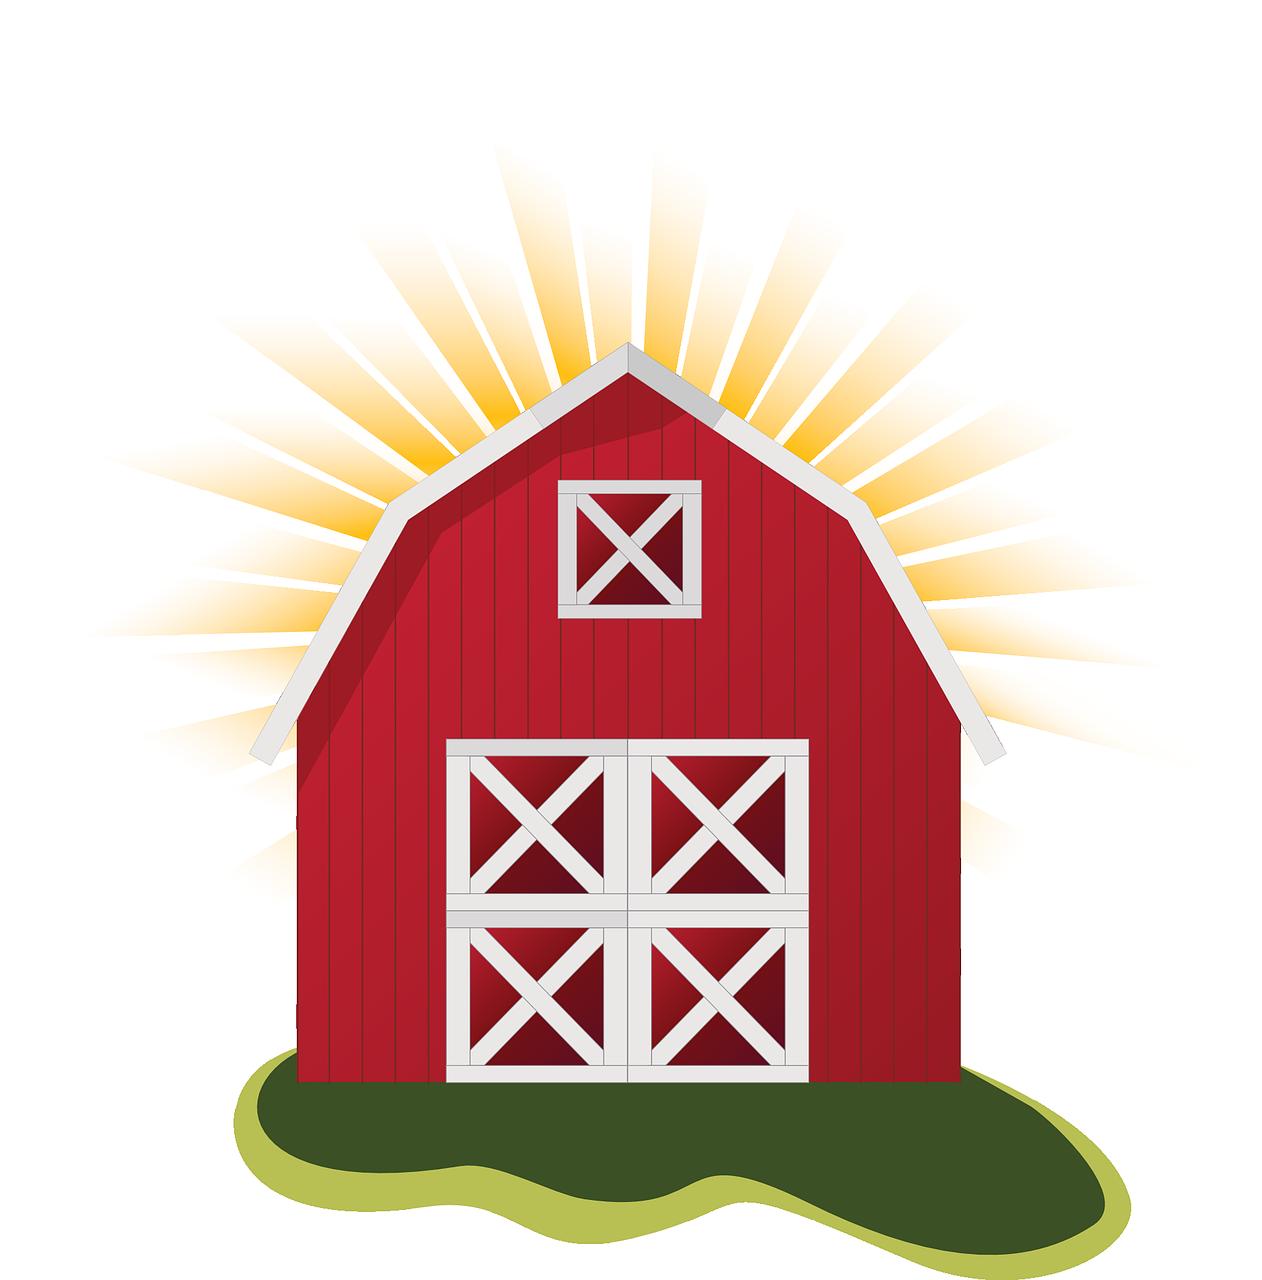 Harvest Barn - Celebrating God's Blessings